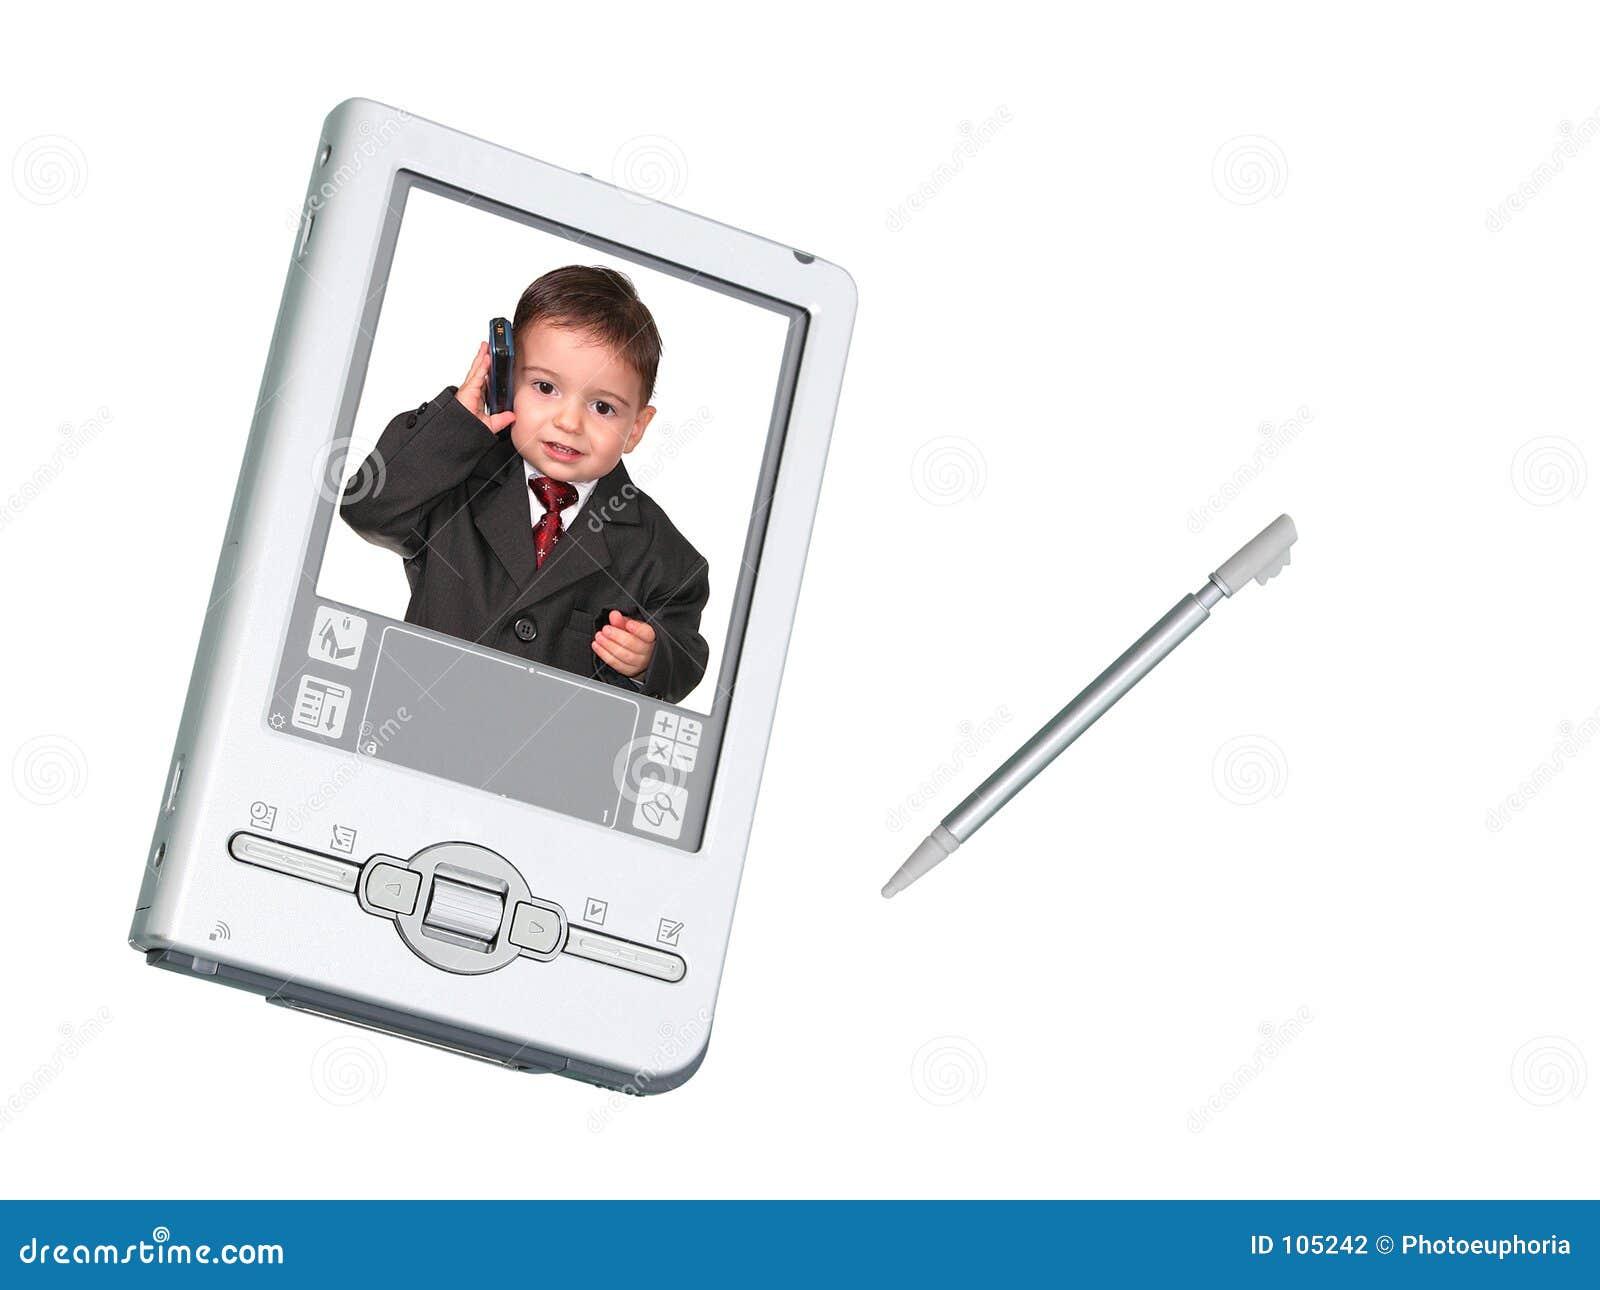 Câmara digital PDA & estilete sobre o branco com a criança no telefone